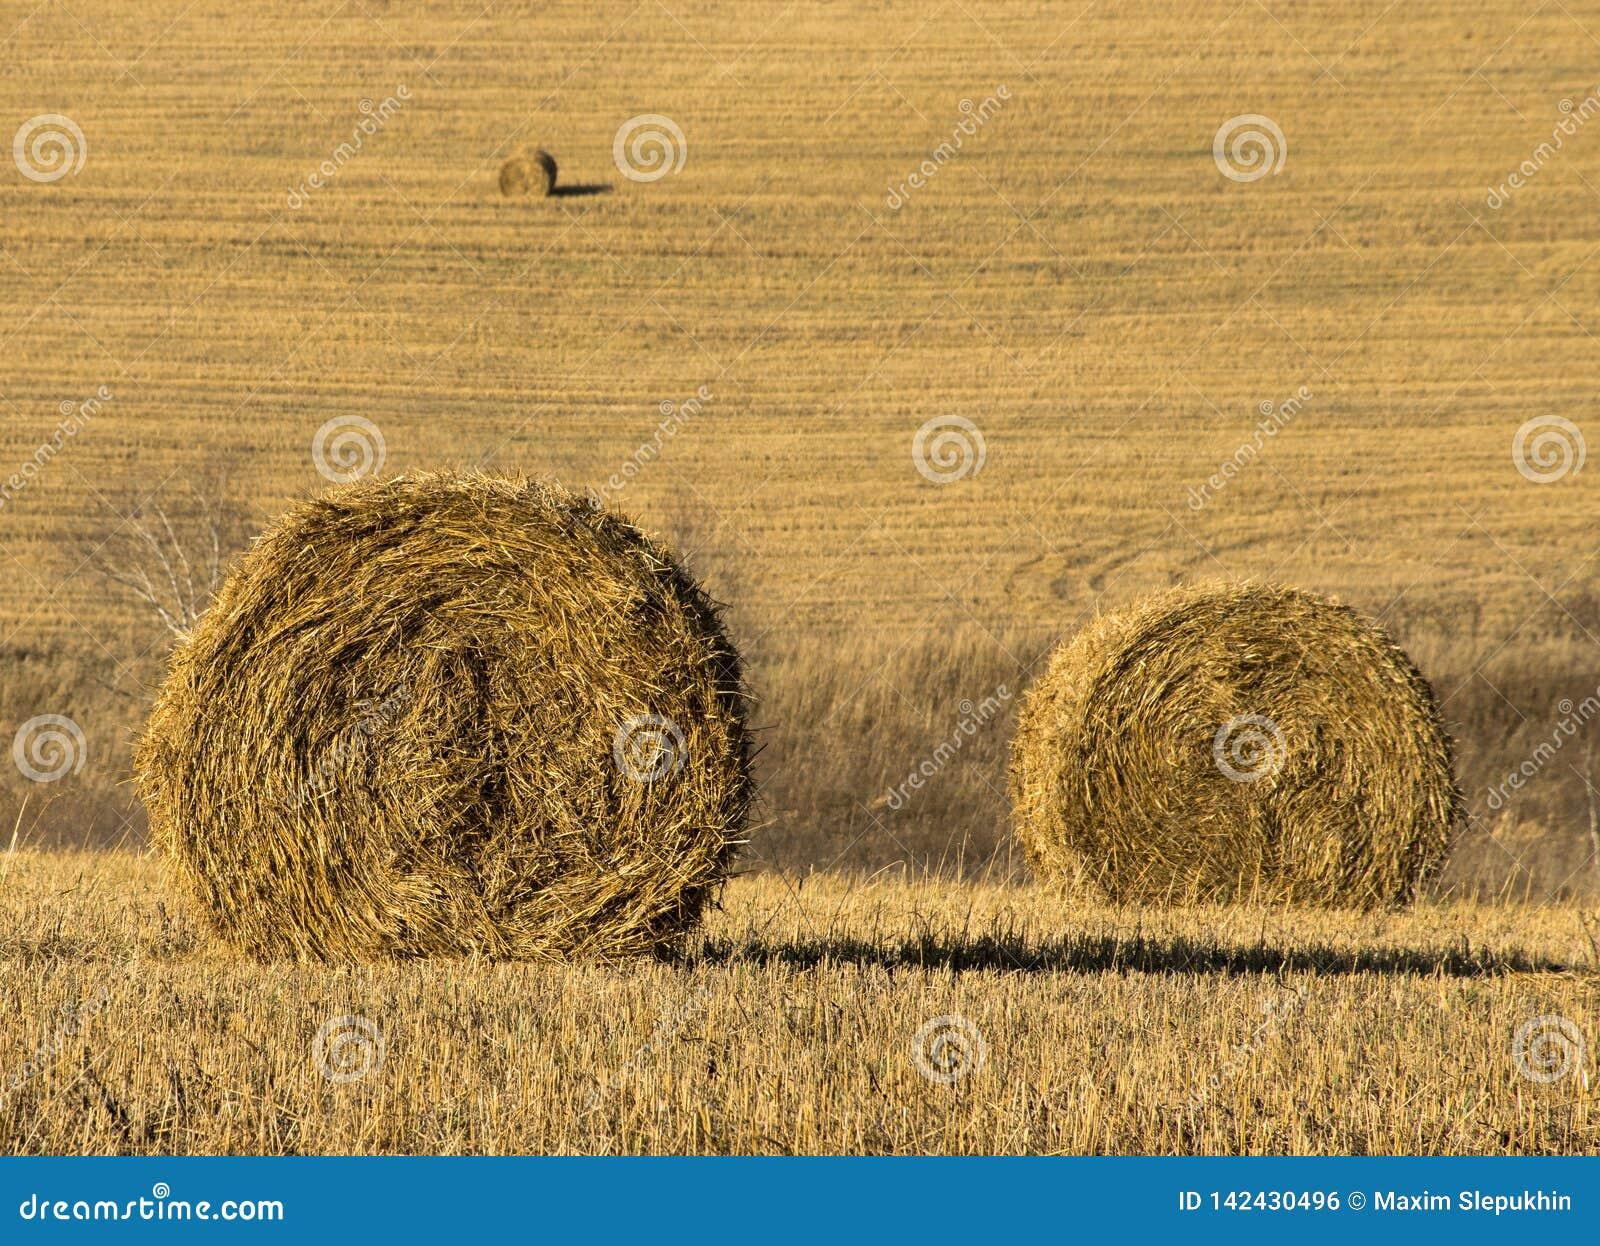 Стог сена в поле на солнечный день